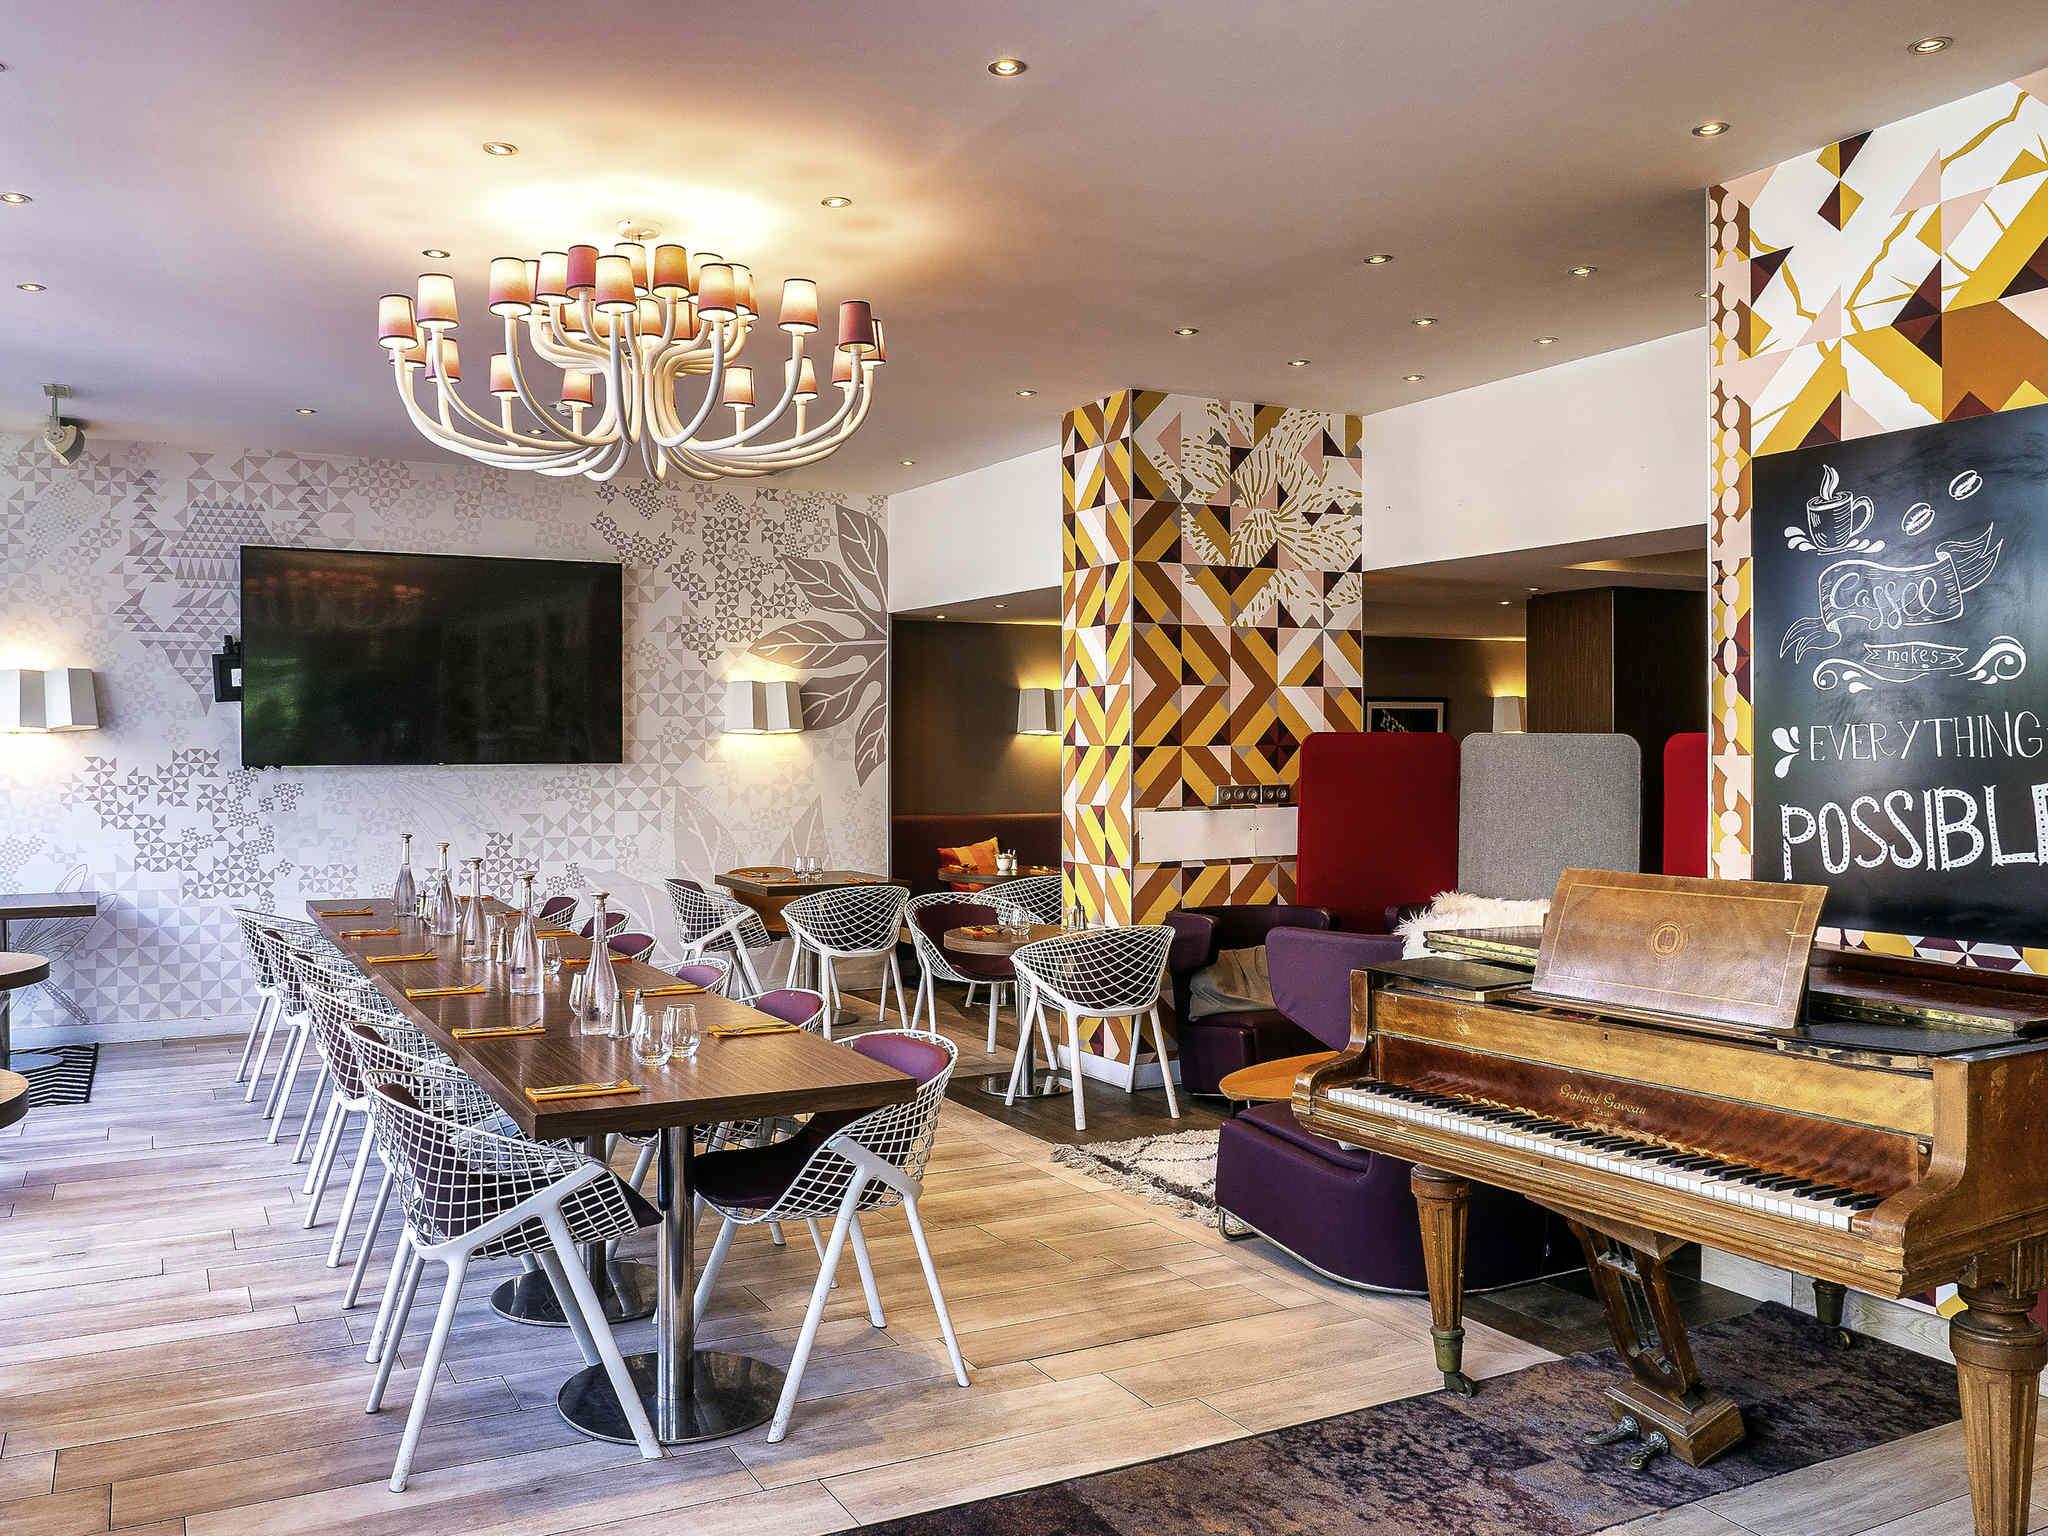 Hotel a PARIGI - Albergo Mercure Parigi Montmartre Sacre Coeur